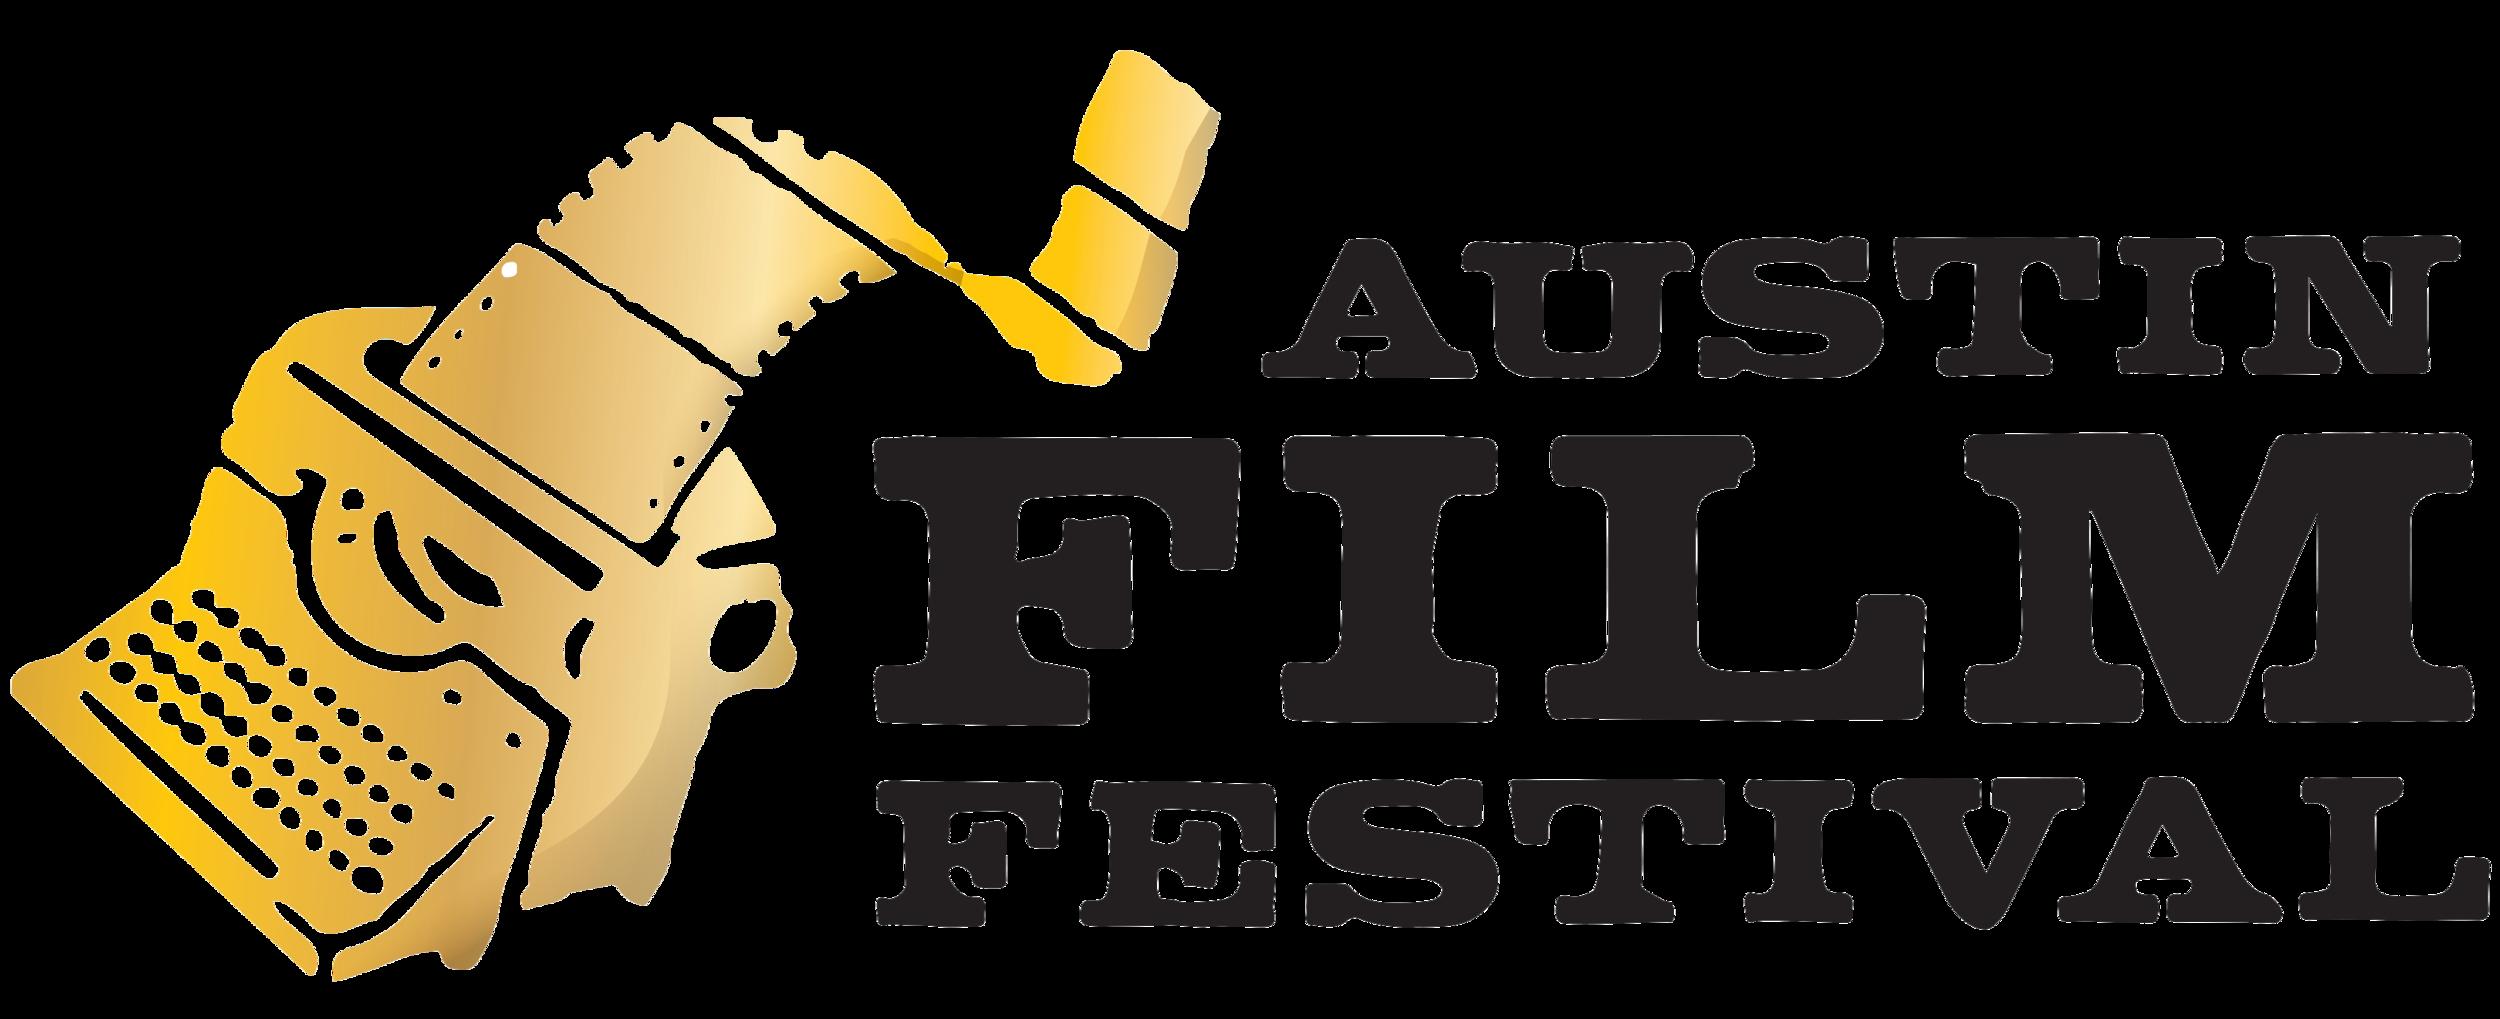 Austin Film Festival - Community Sponsor.png